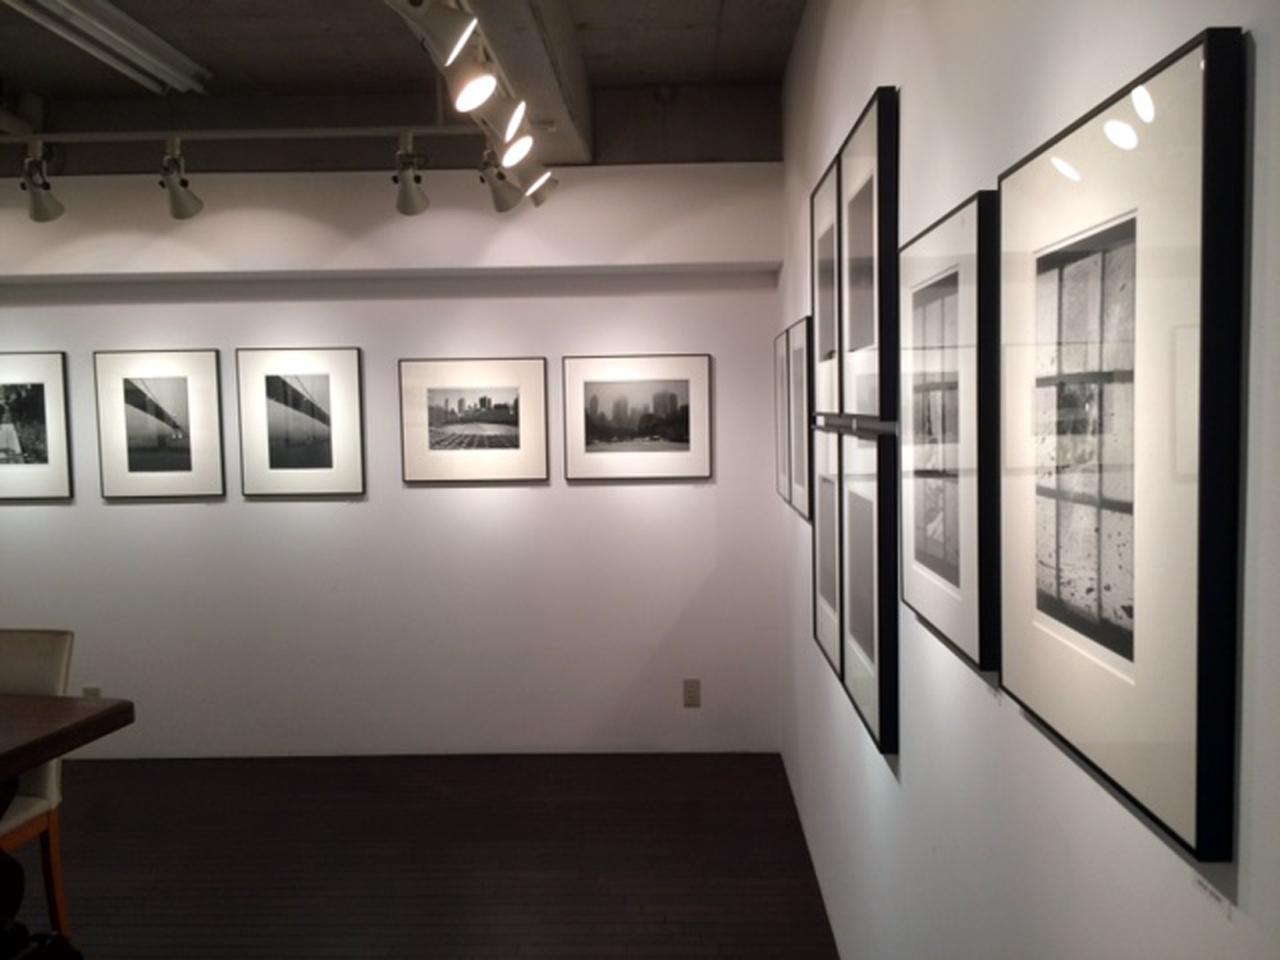 画像1: 松田敏美写真展『Time goes by』。港区西麻布の閑静な住宅街の中にあるギャラリーで開催中です。